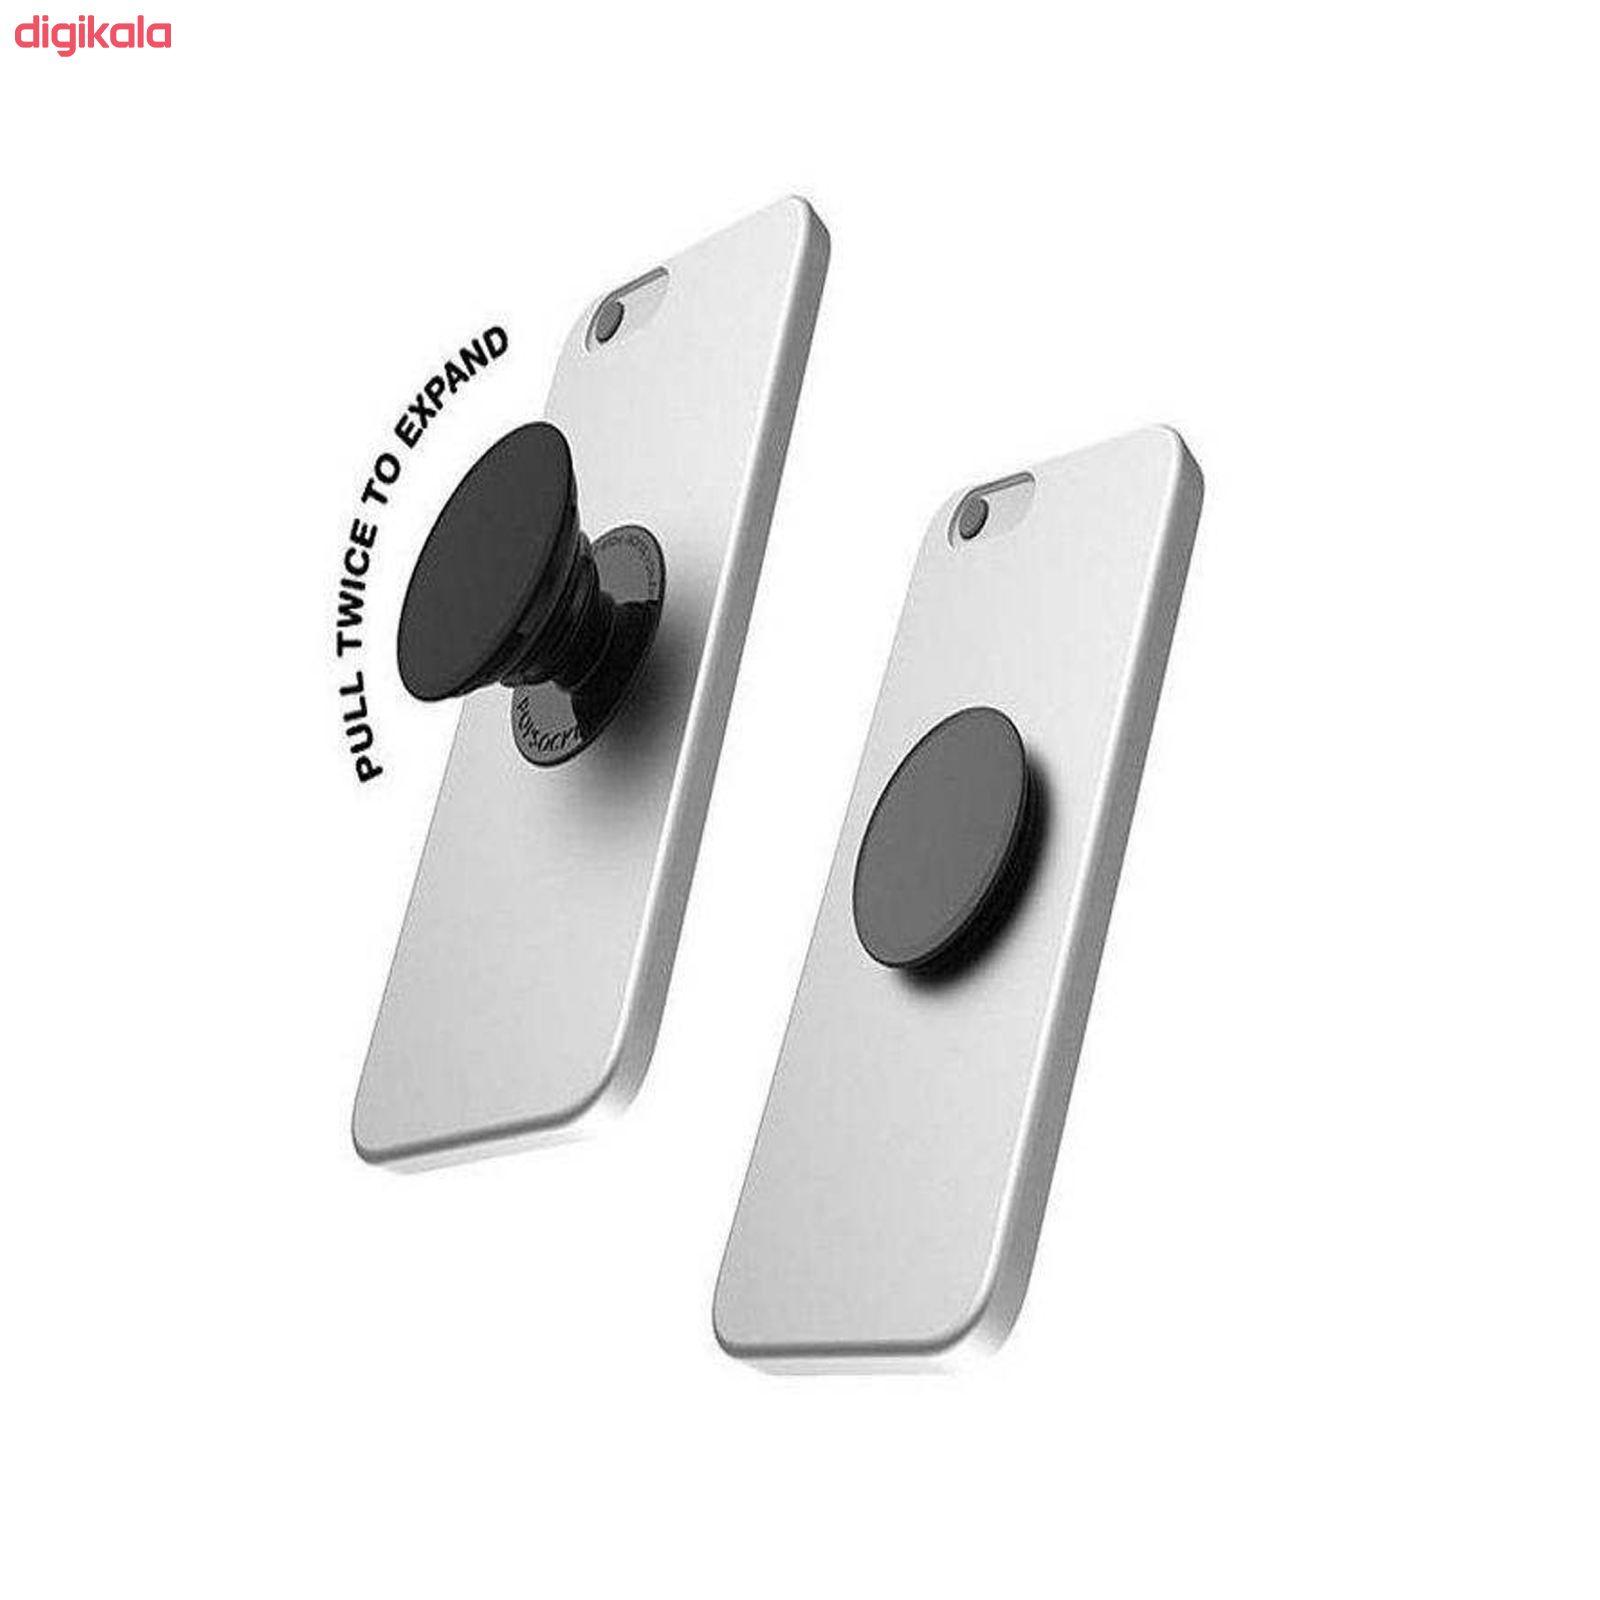 پایه نگهدارنده گوشی موبایل پاپ سوکت مدل Panda main 1 6